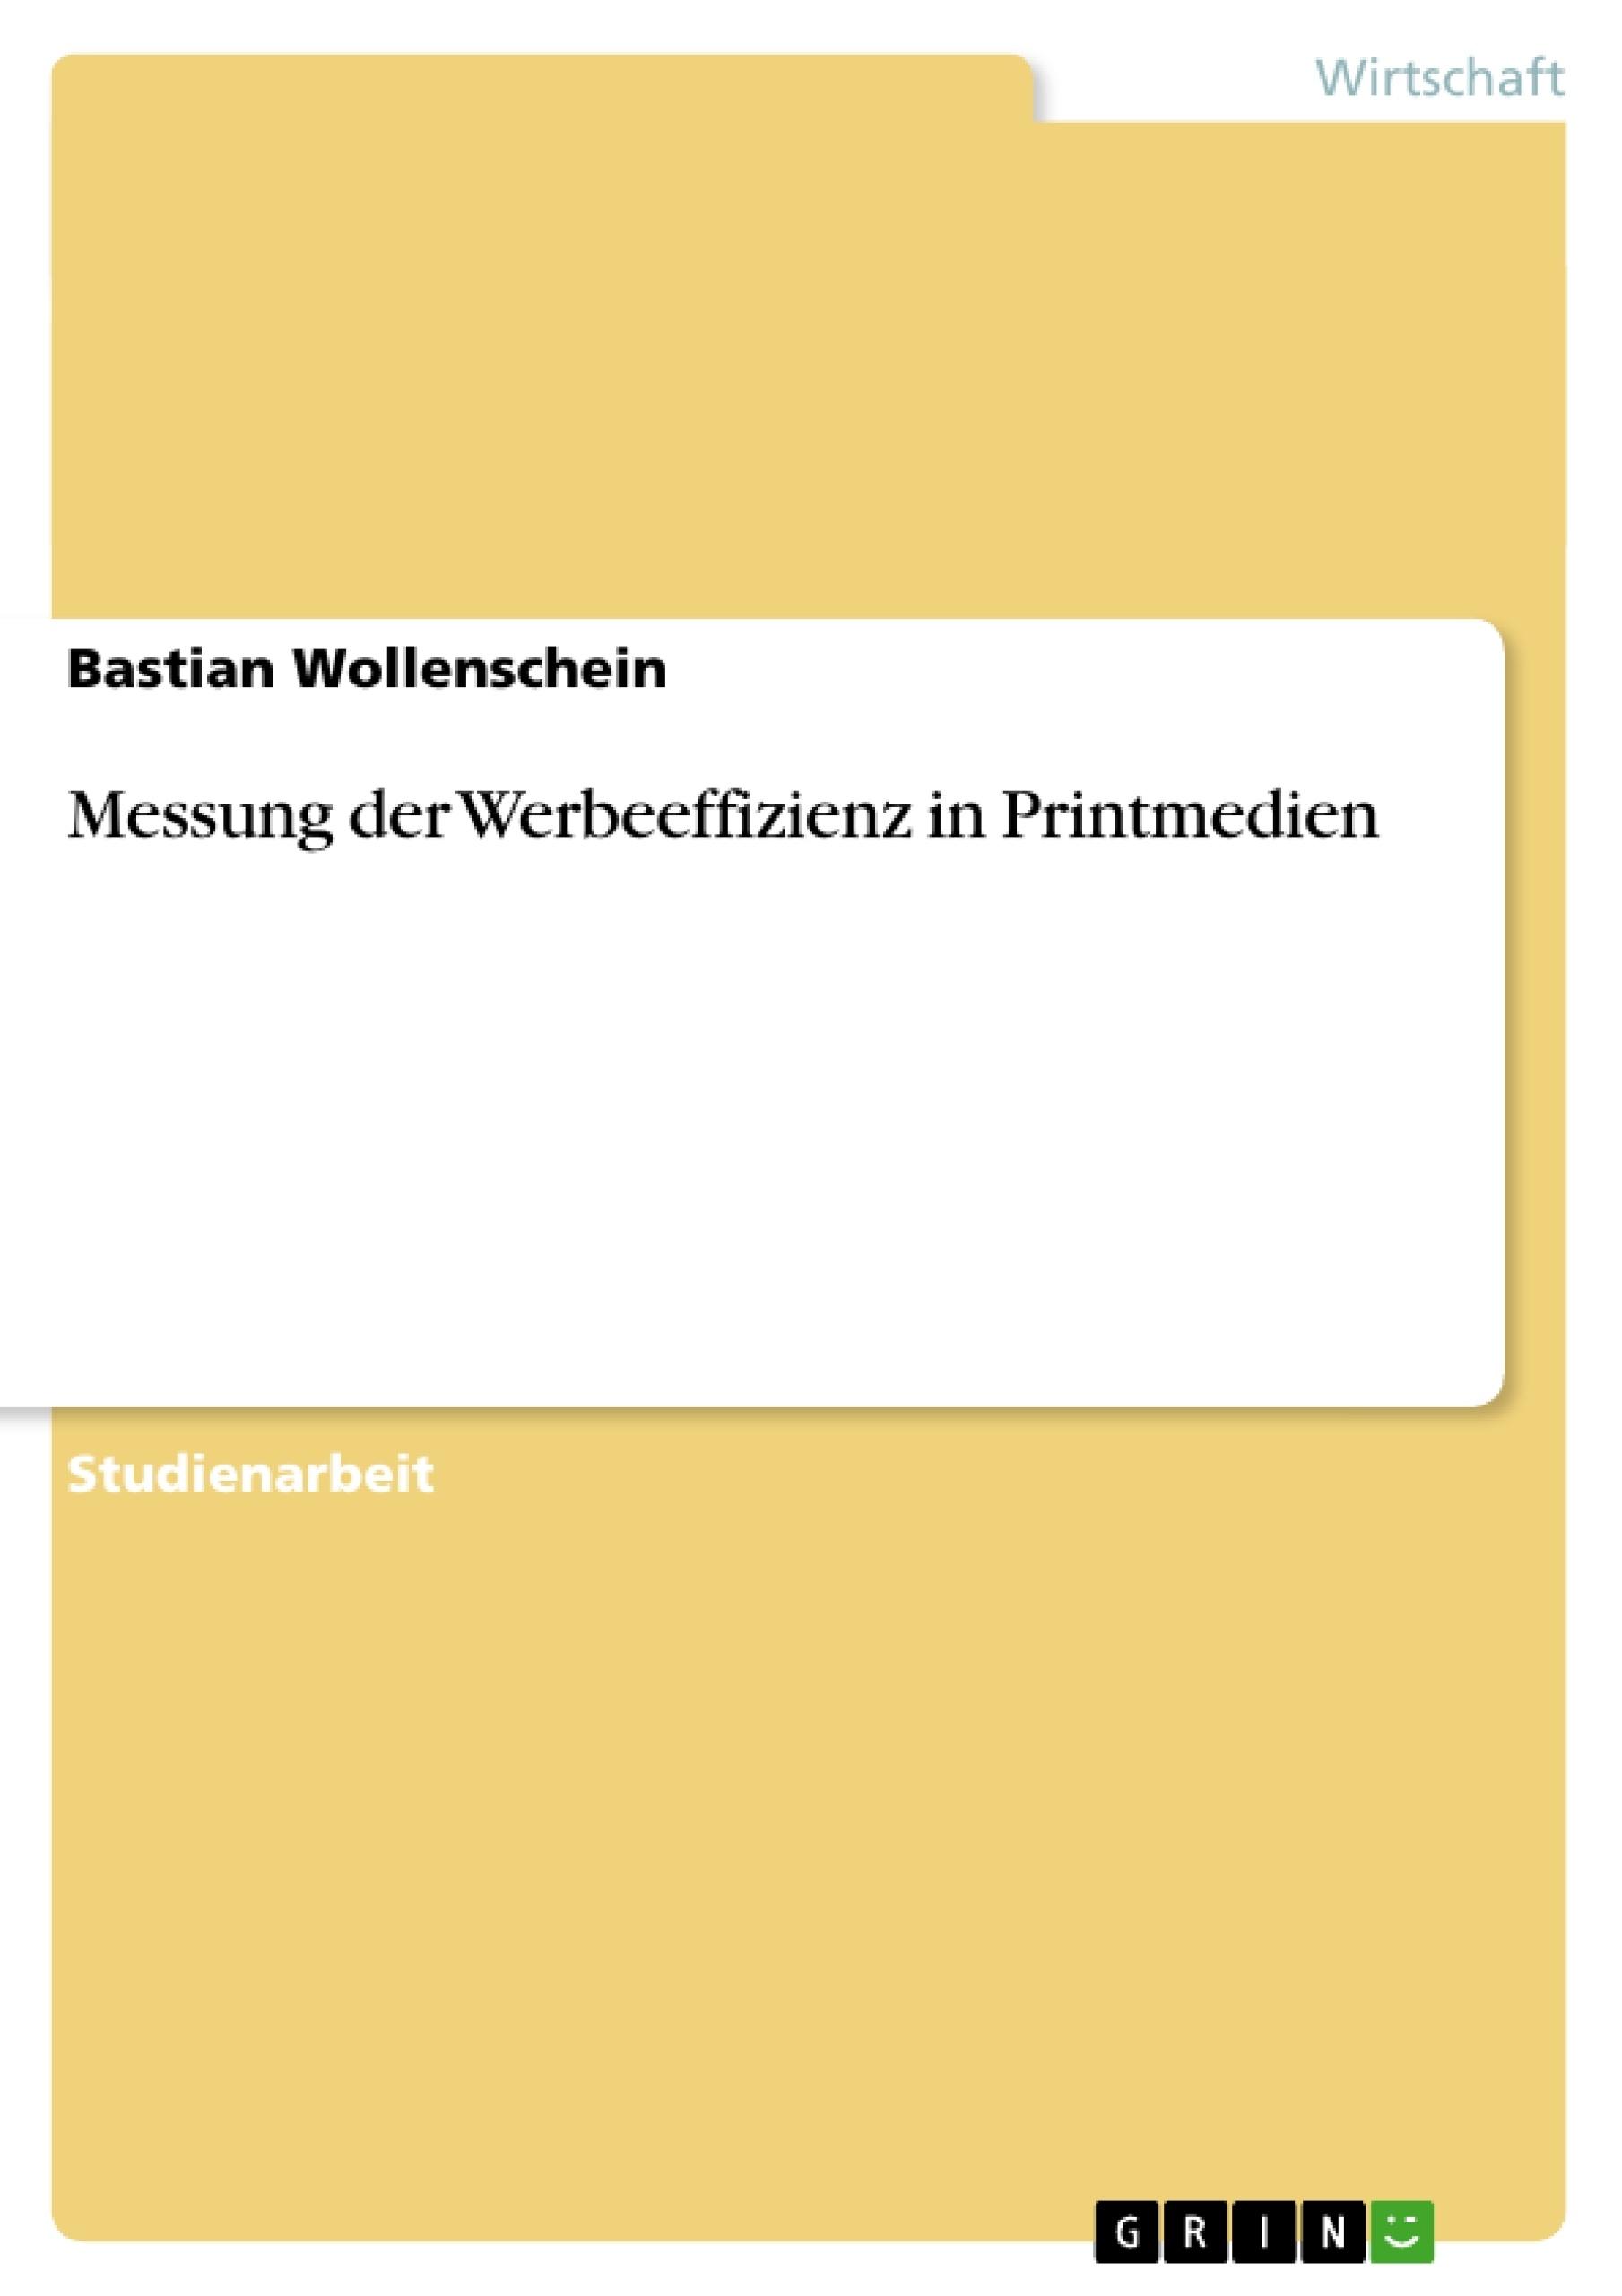 Titel: Messung der Werbeeffizienz in Printmedien